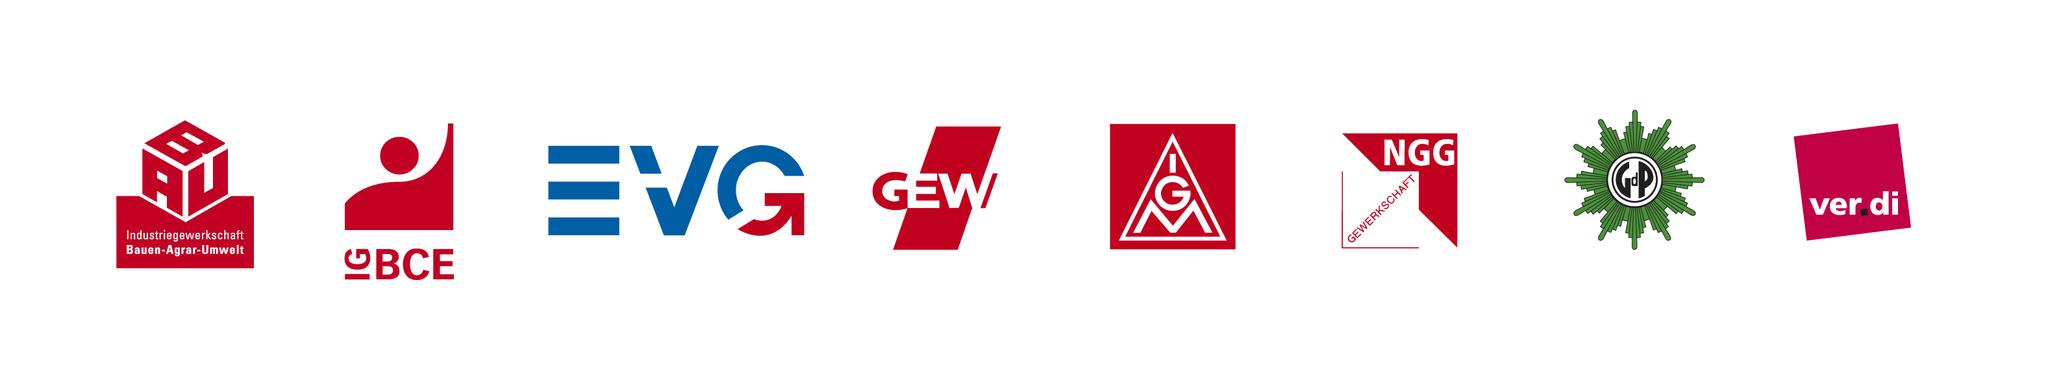 Die Logos der acht DGB Gewerkschaften